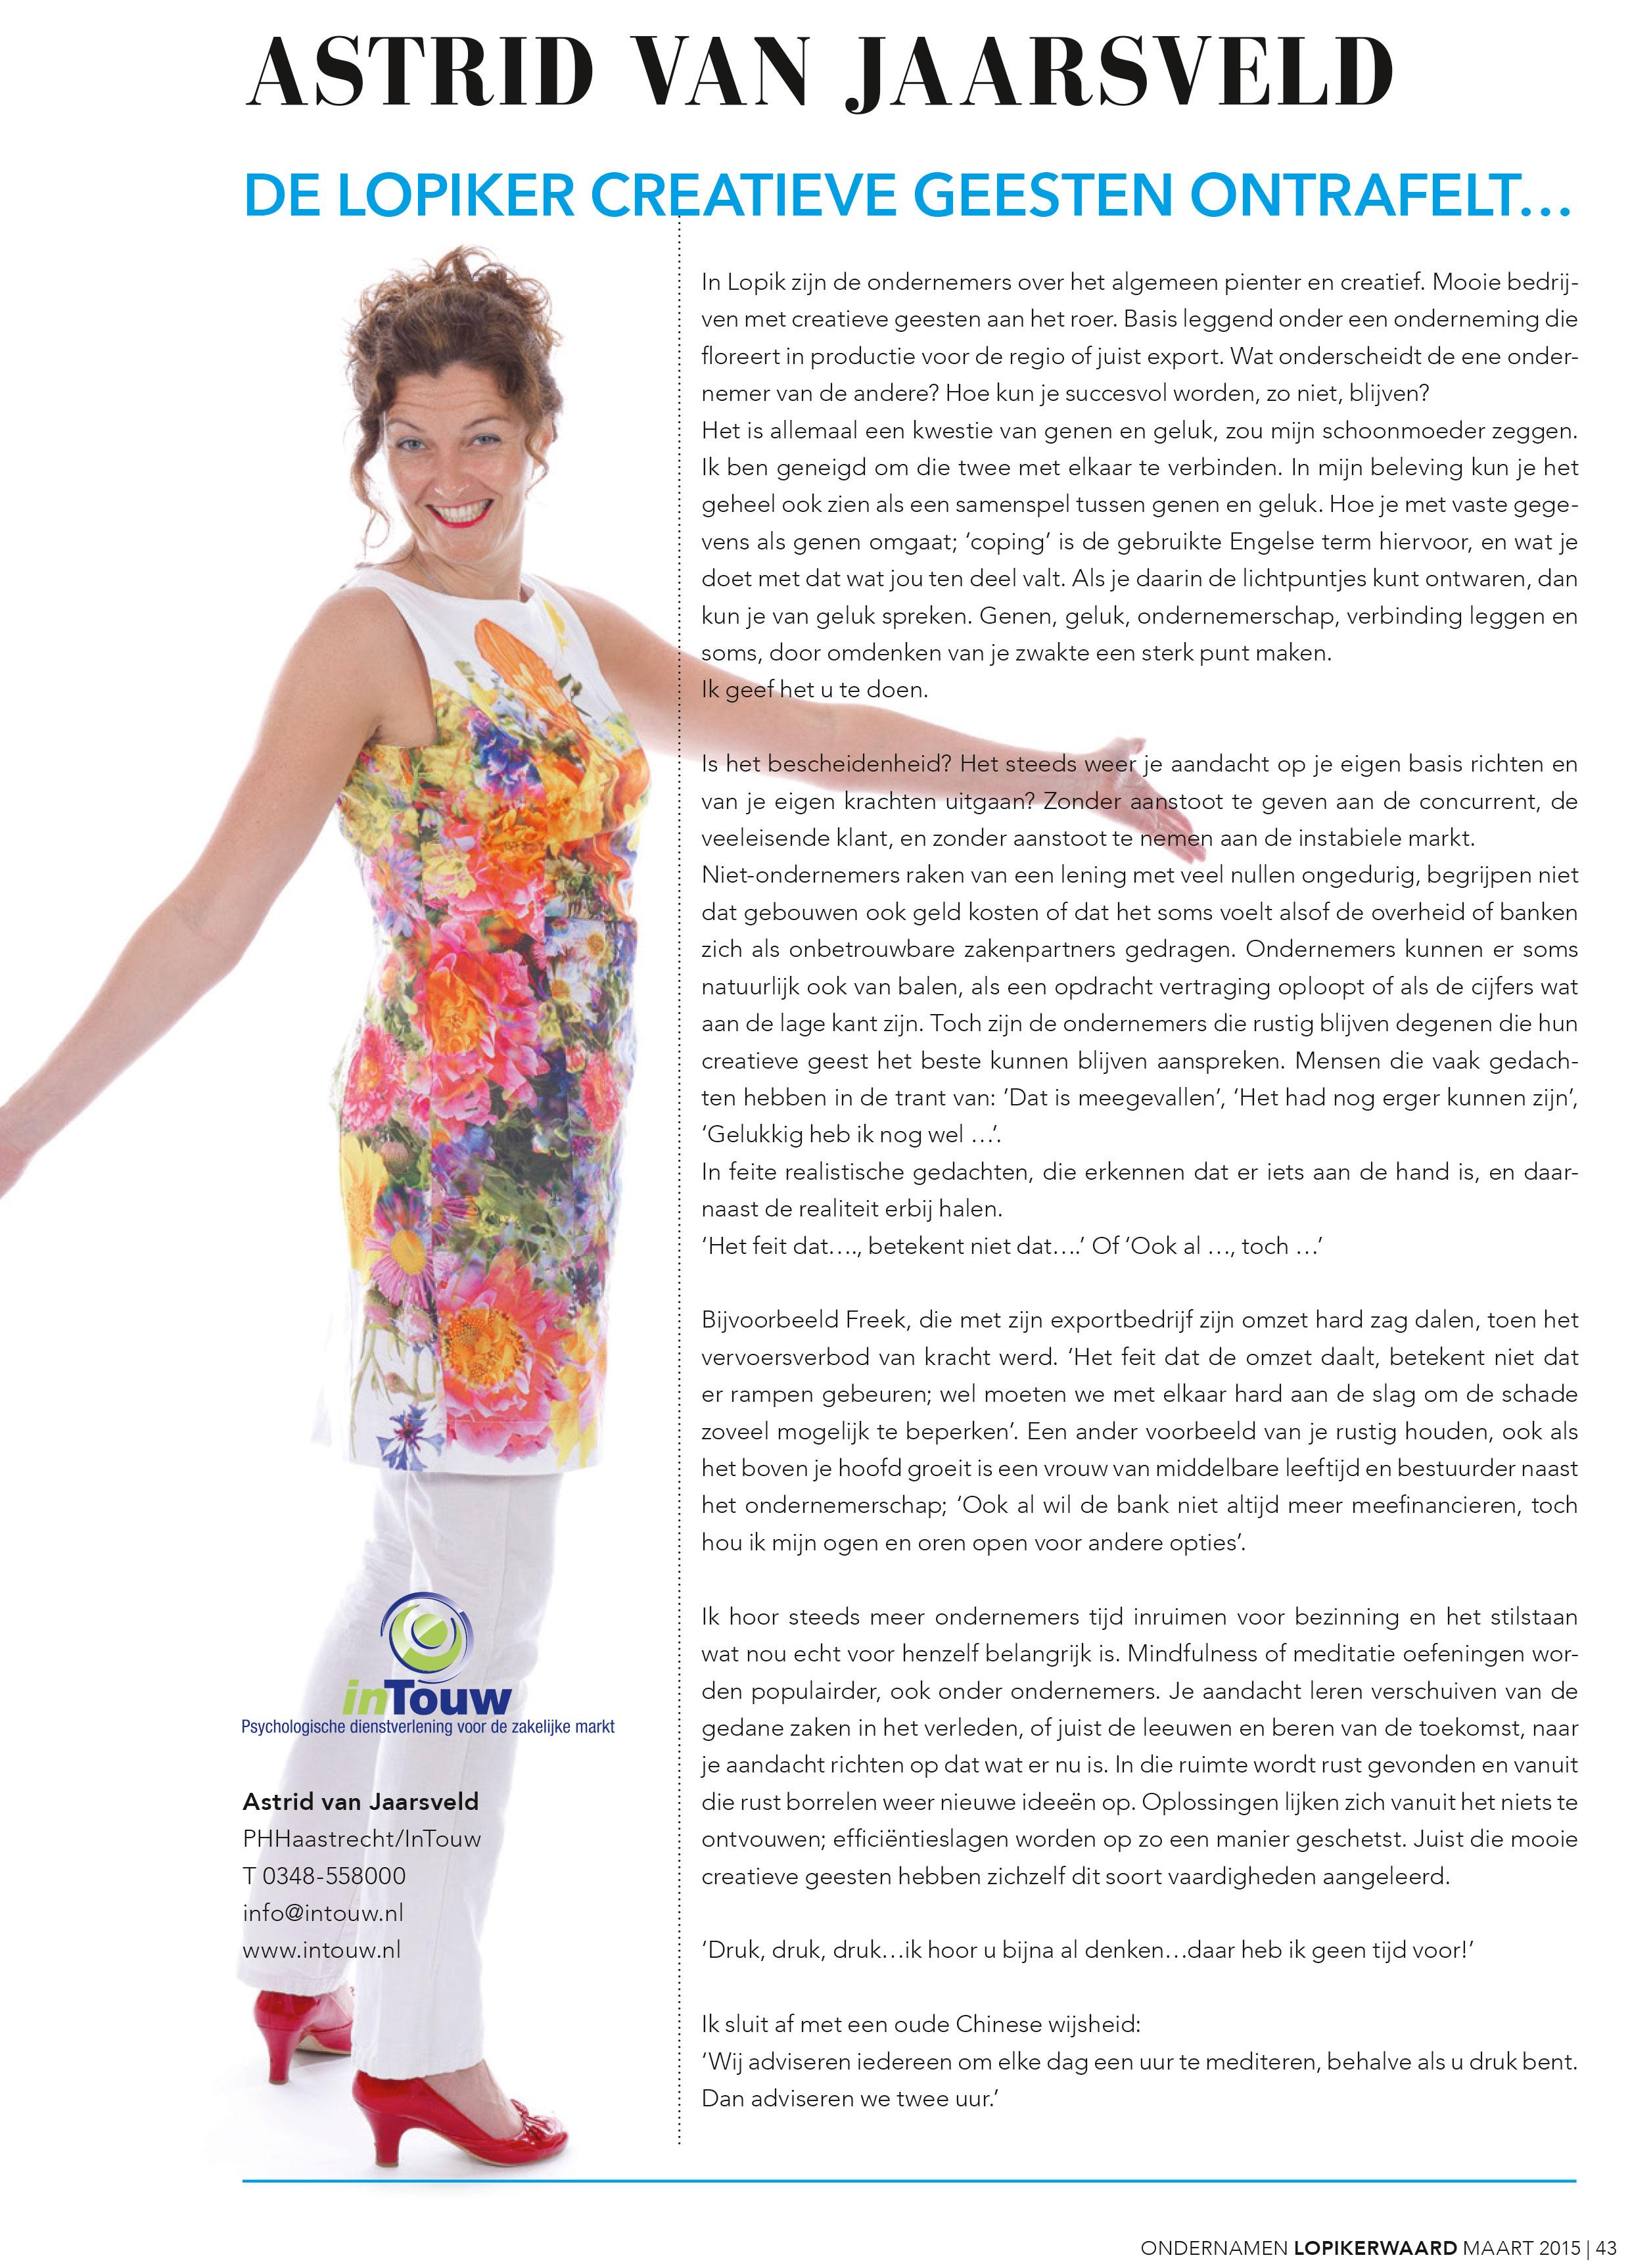 Column Astrid van Jaarsveld De lopiker creatieve geest ontrafelt